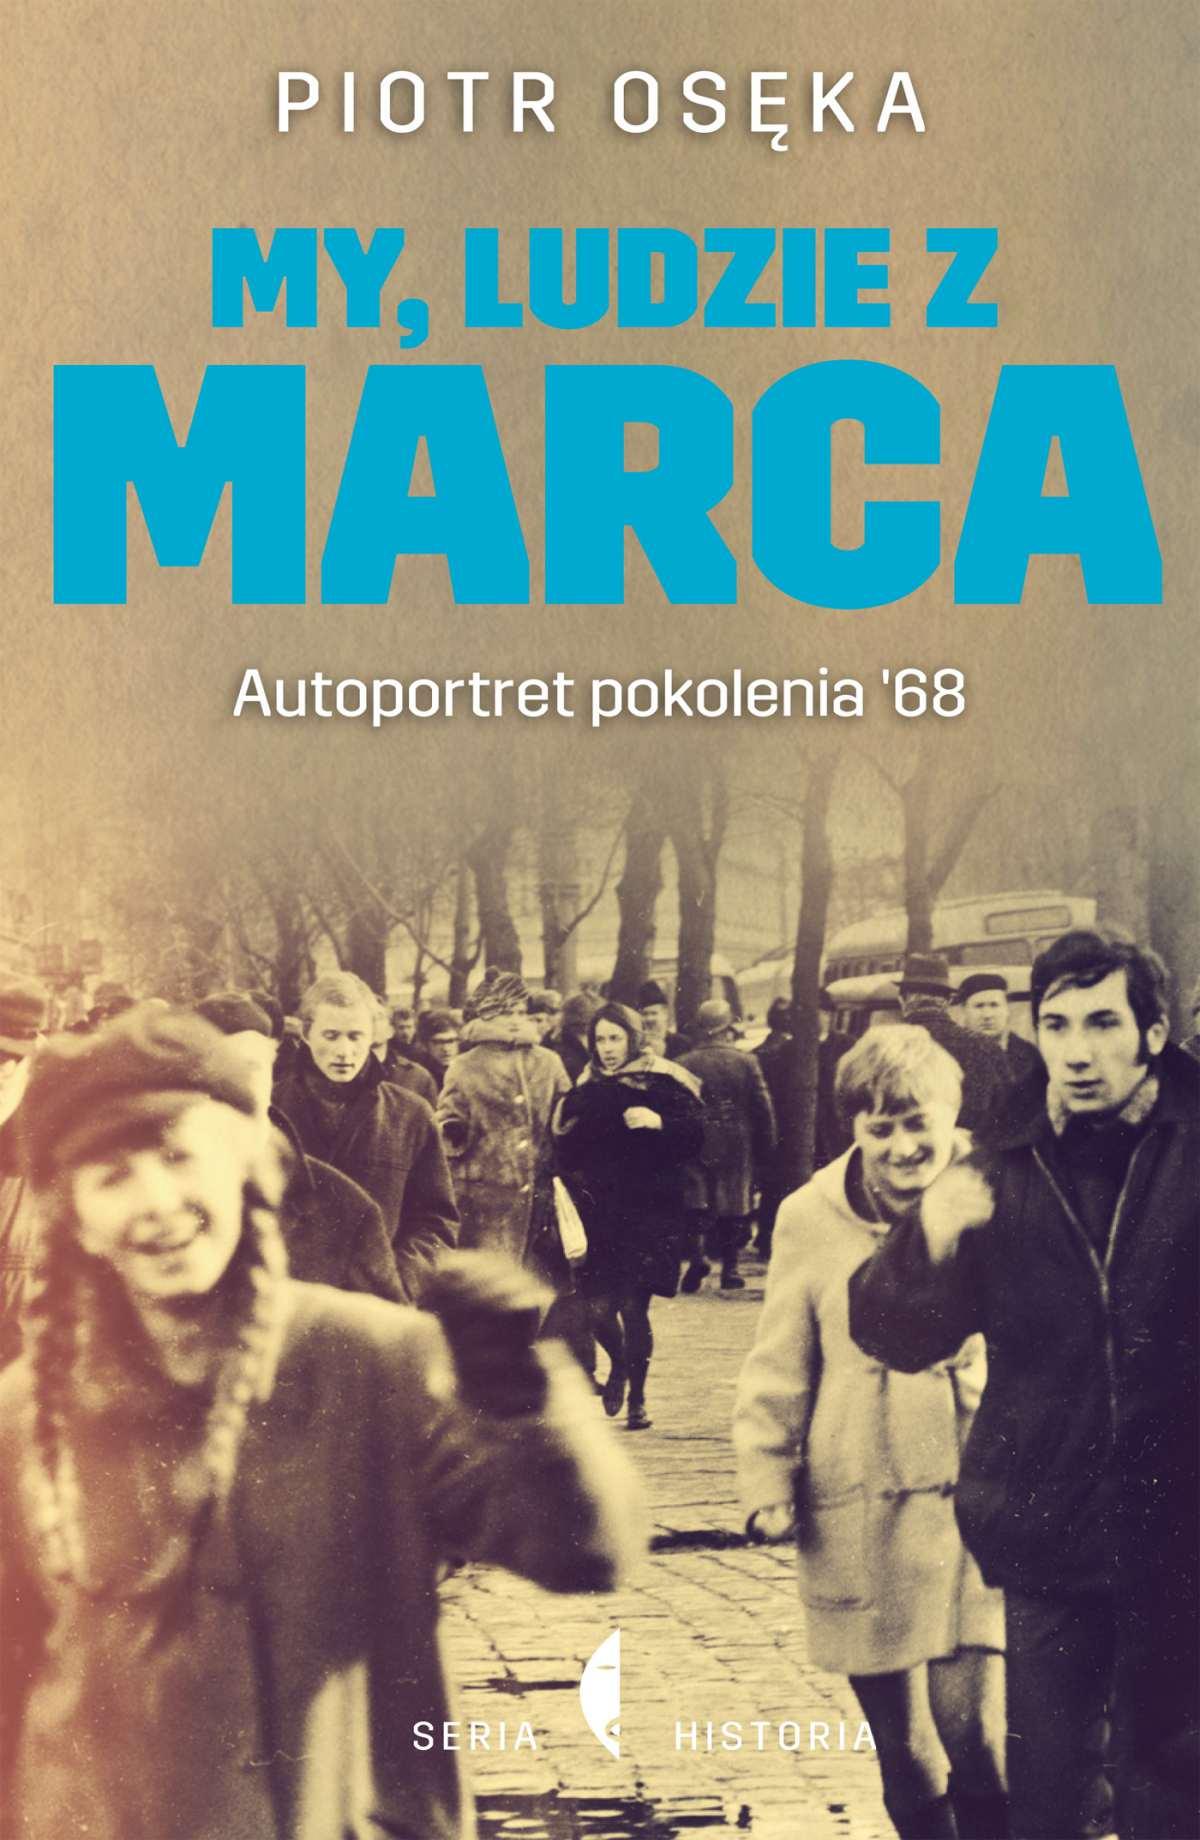 My, ludzie z Marca - Ebook (Książka na Kindle) do pobrania w formacie MOBI